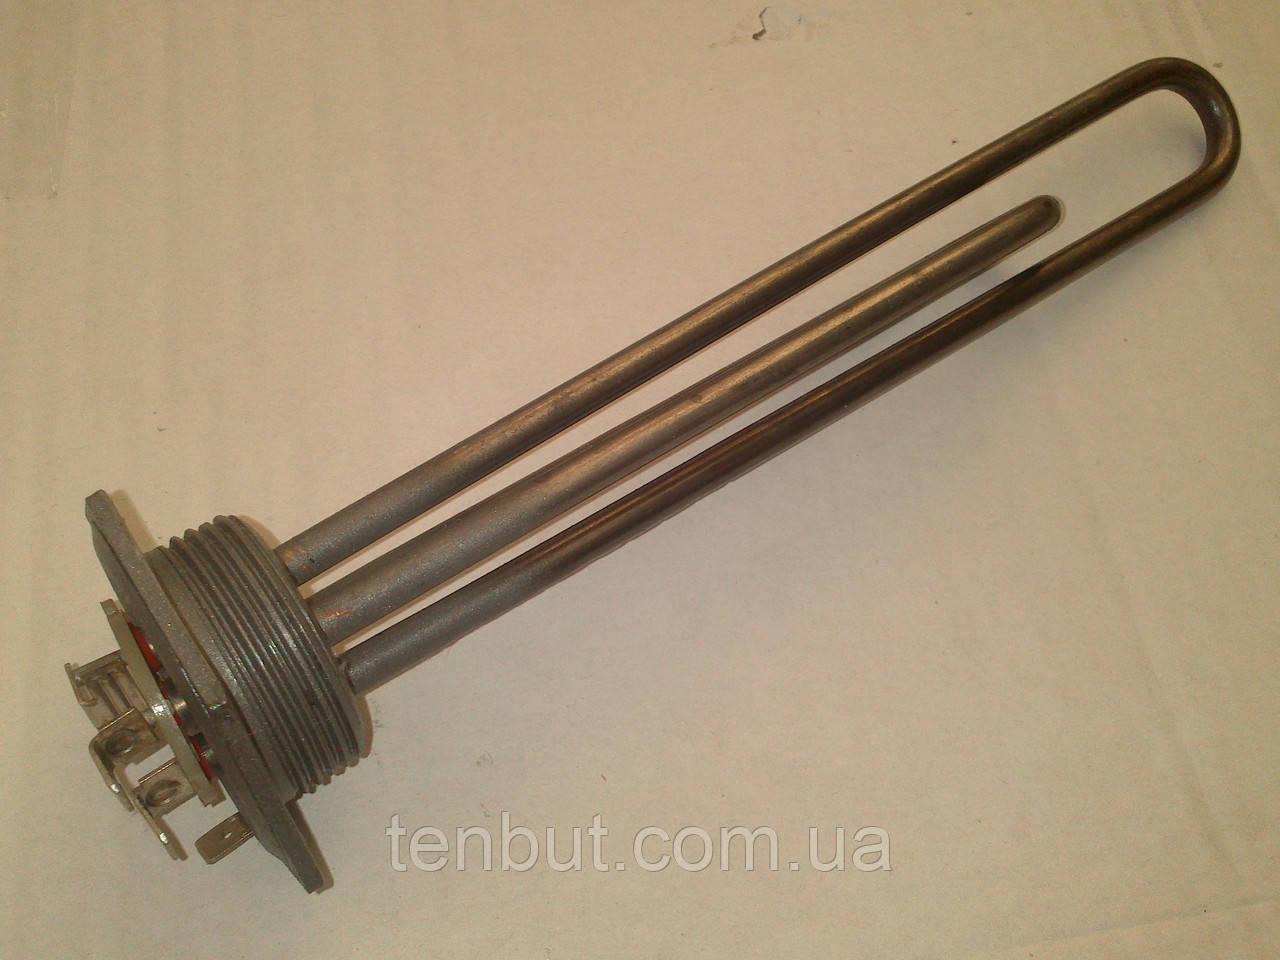 Тэн в маслянный радиатор 1,5 кВт. L-240 мм. Производство Украина.